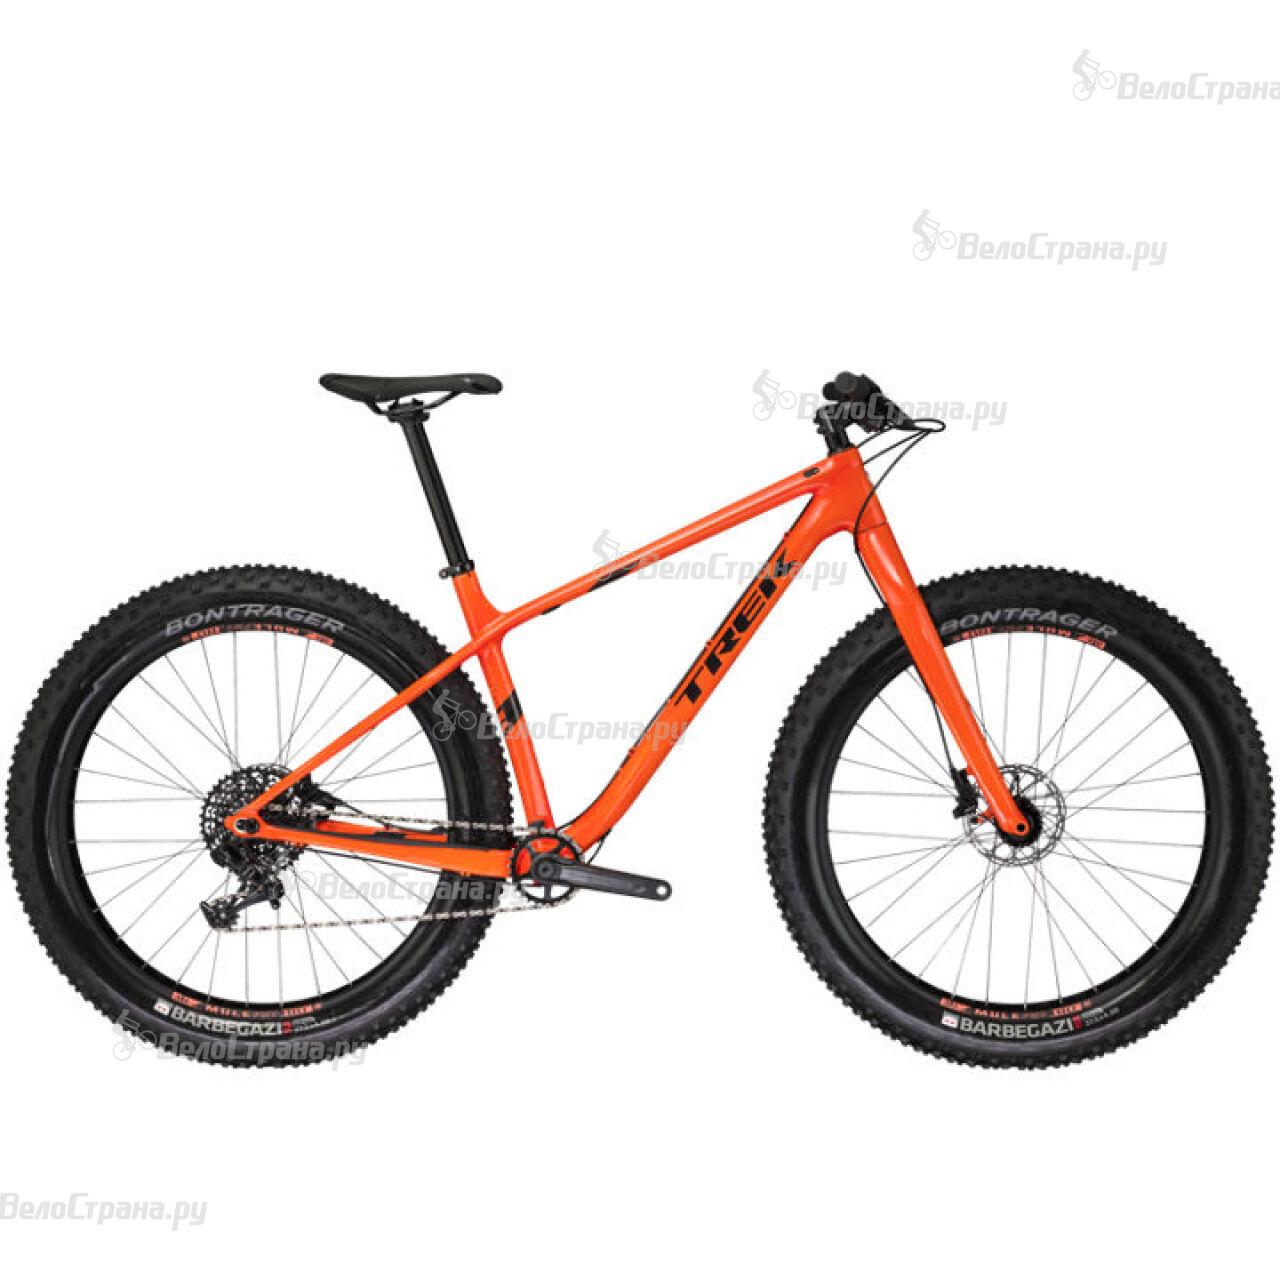 Велосипед Trek Farley 9.6 (2017)